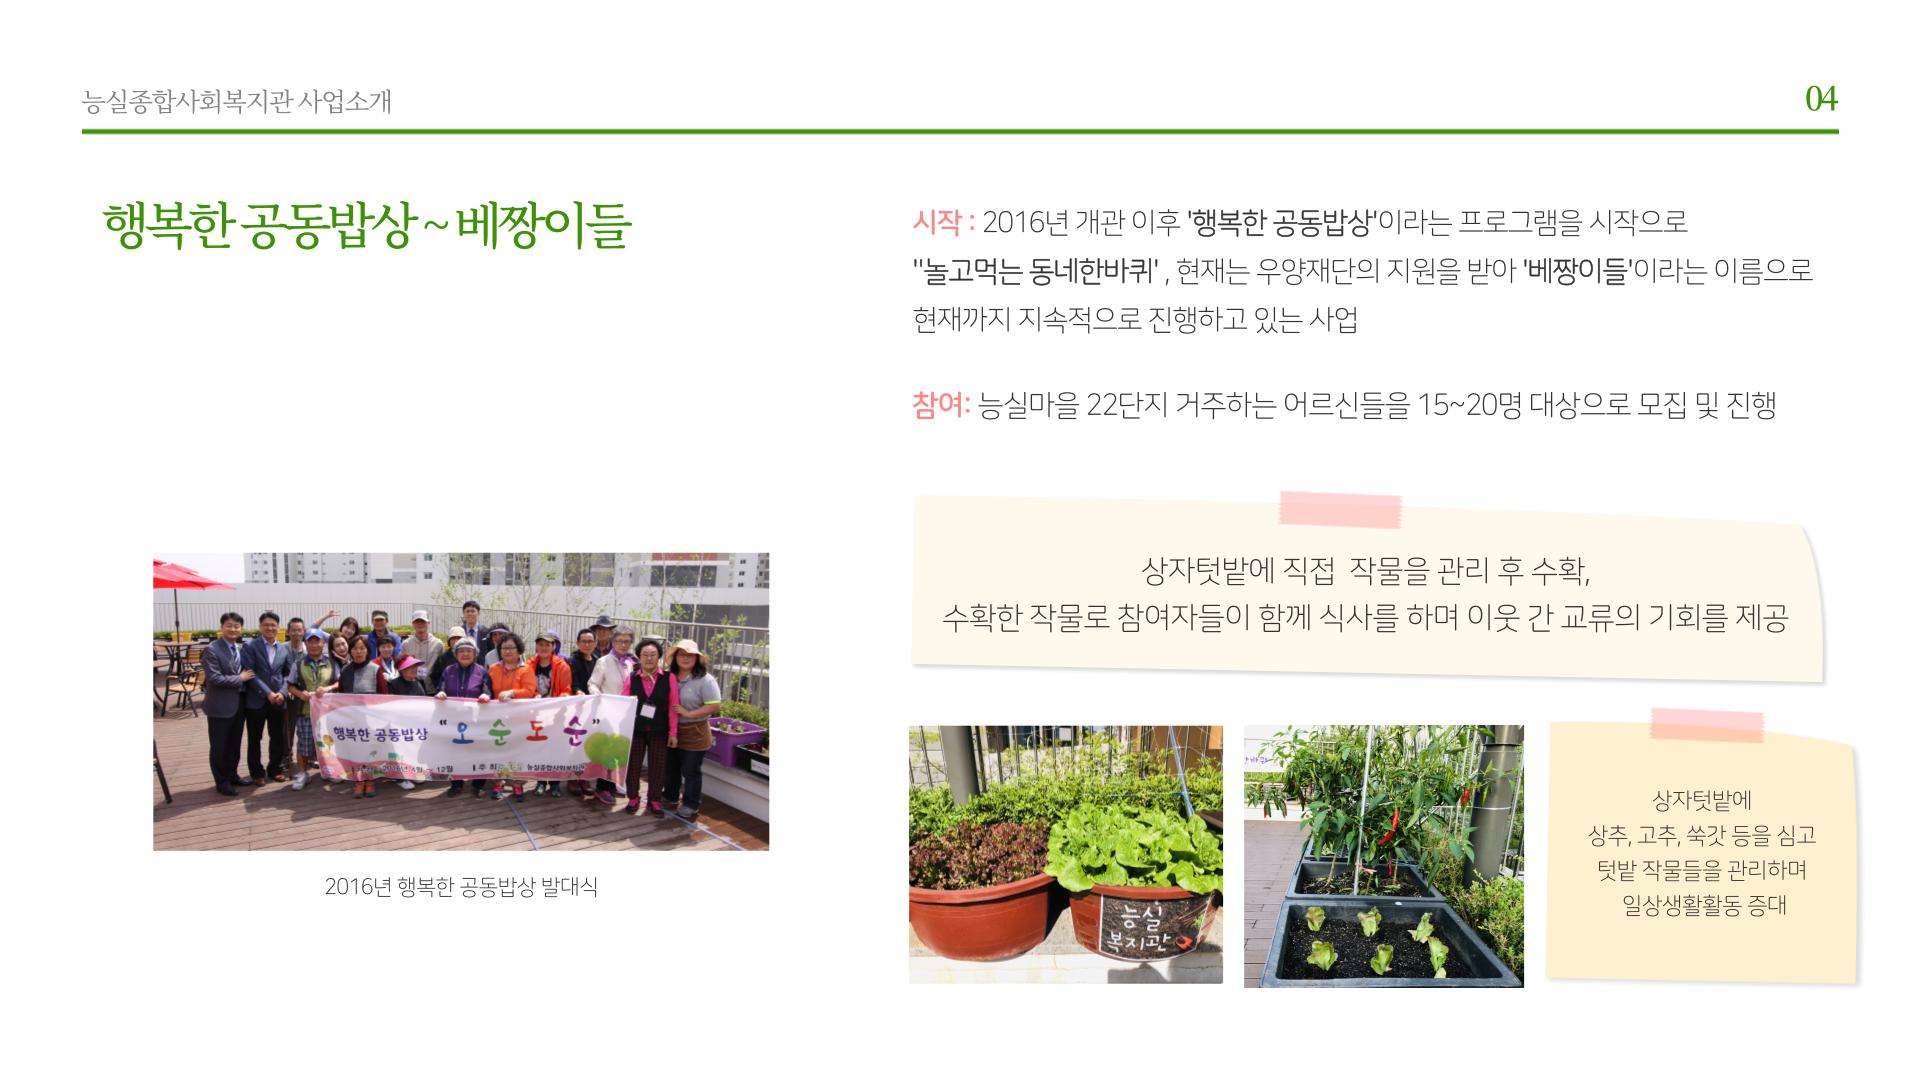 우복소_능실종합사회복지관-4.png